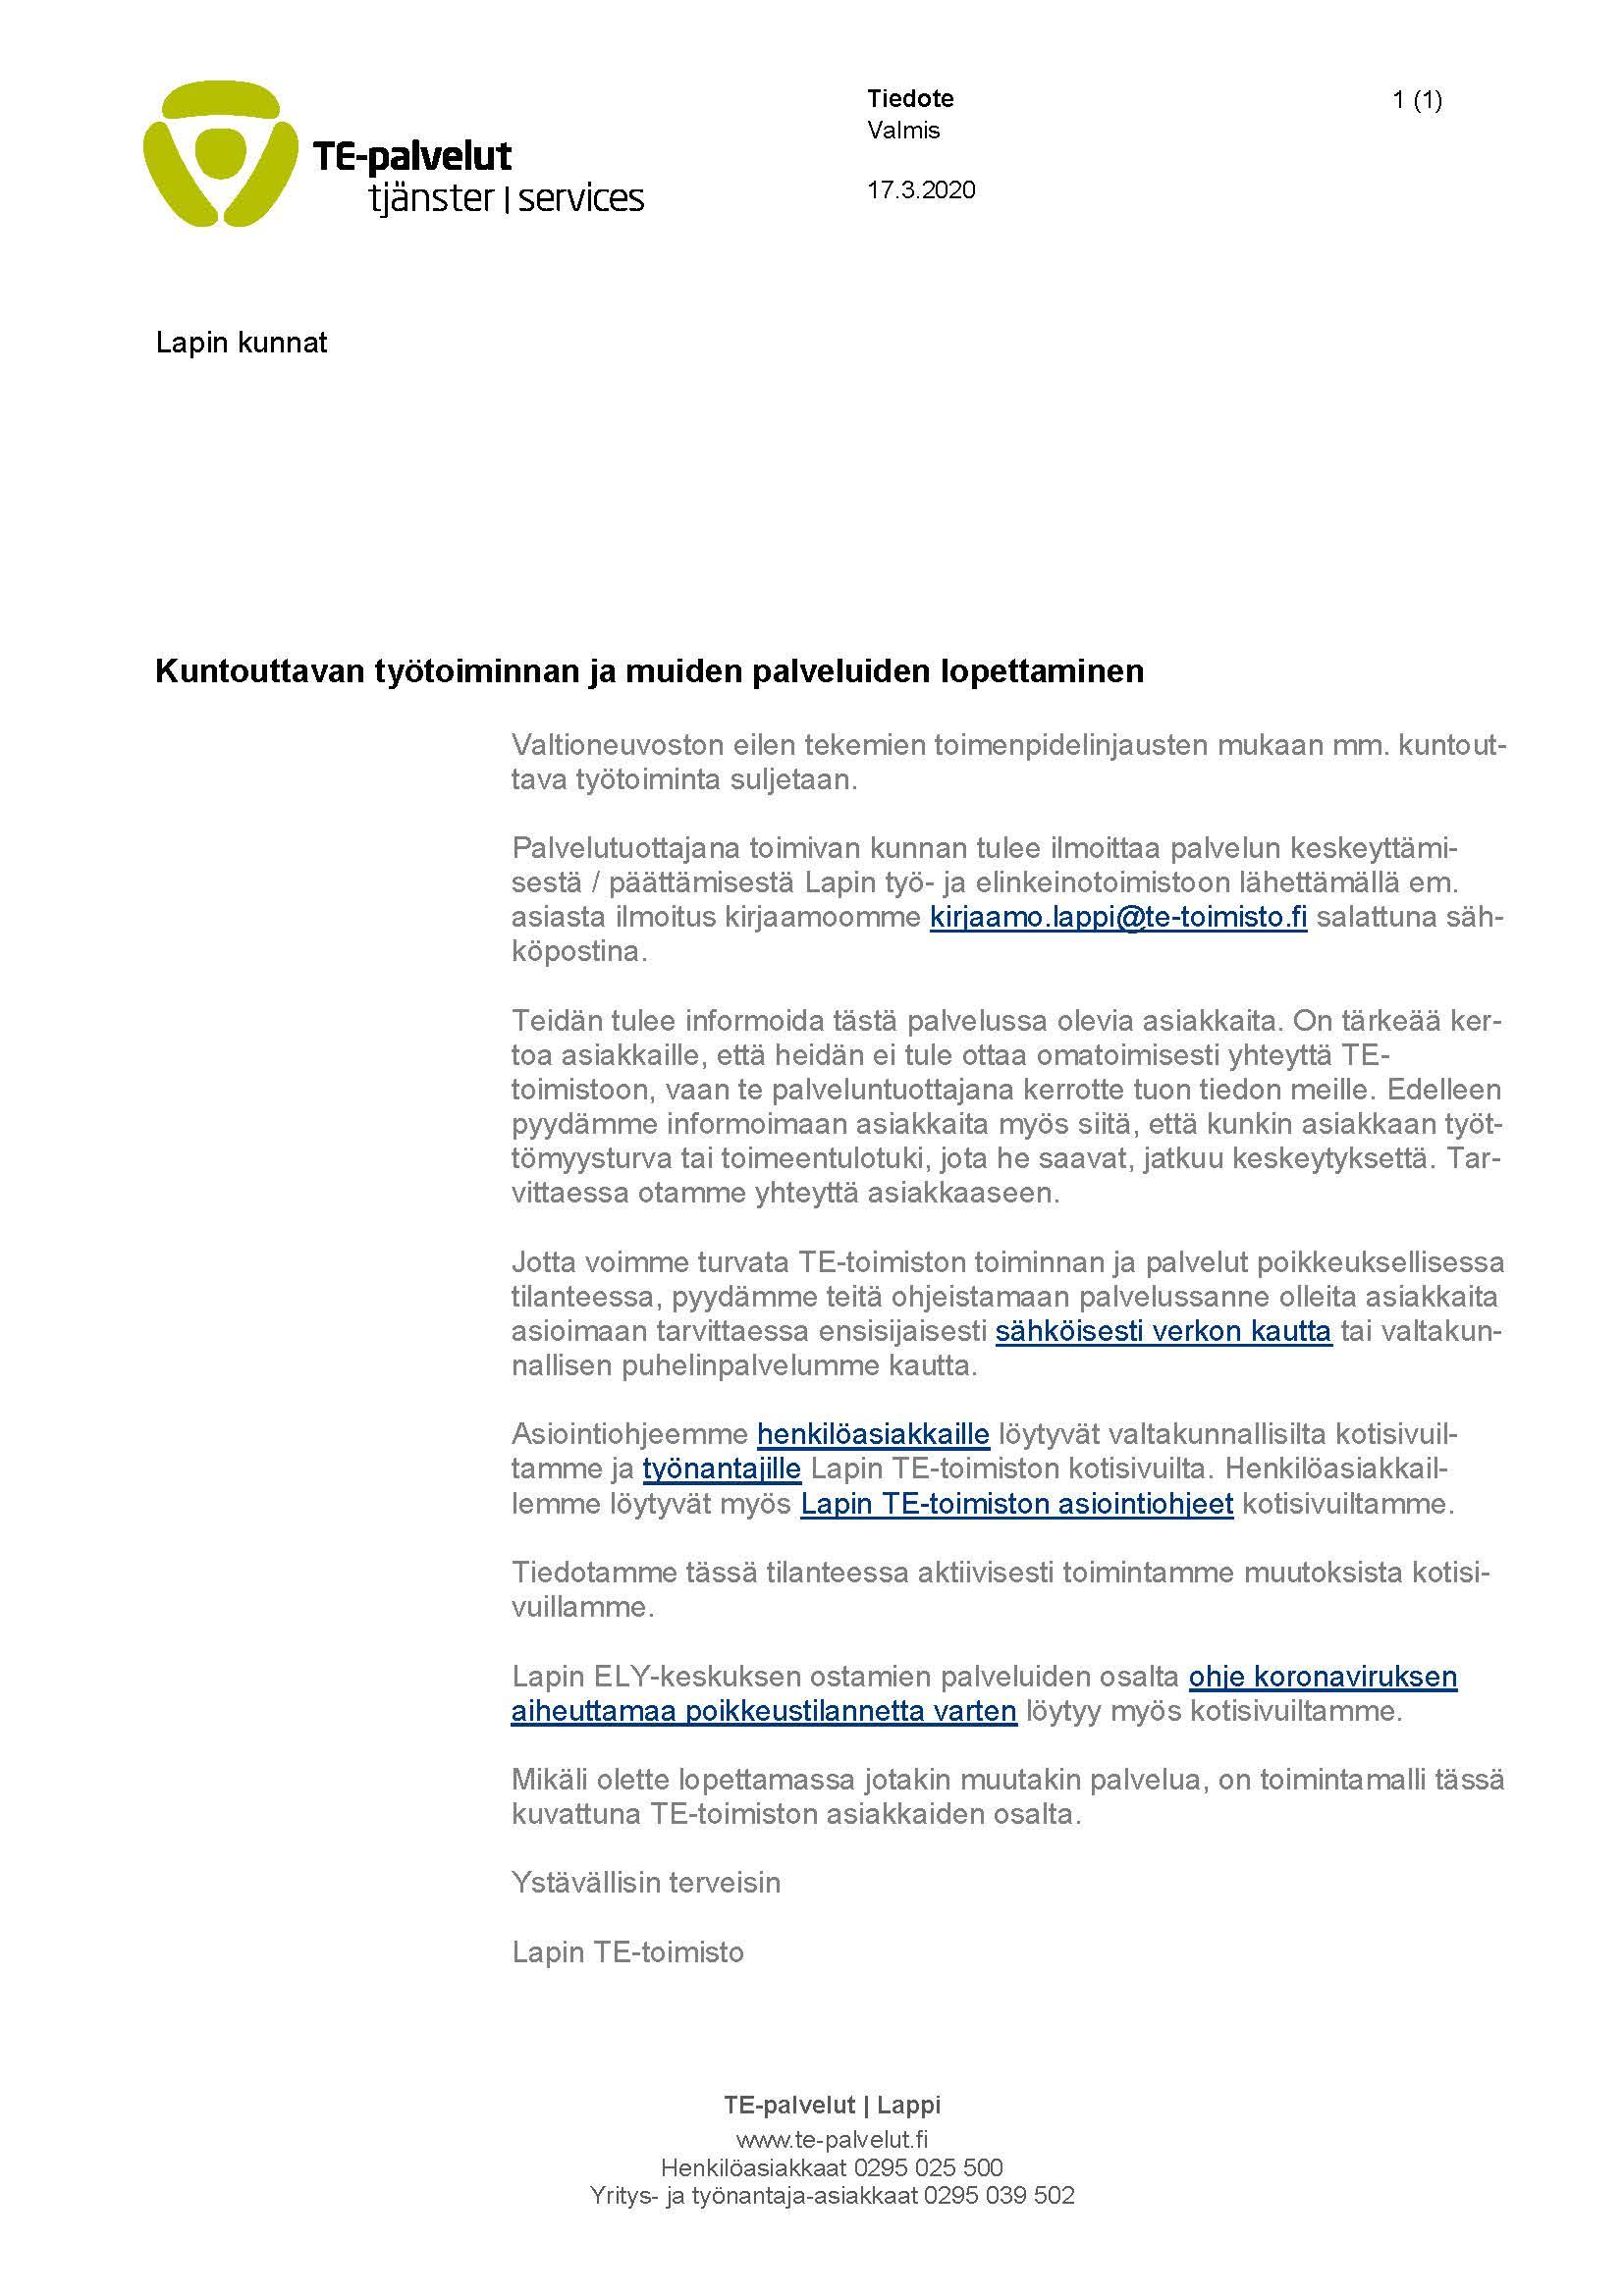 TE-palveluja uudistetaan TE-palvelut, Lappi